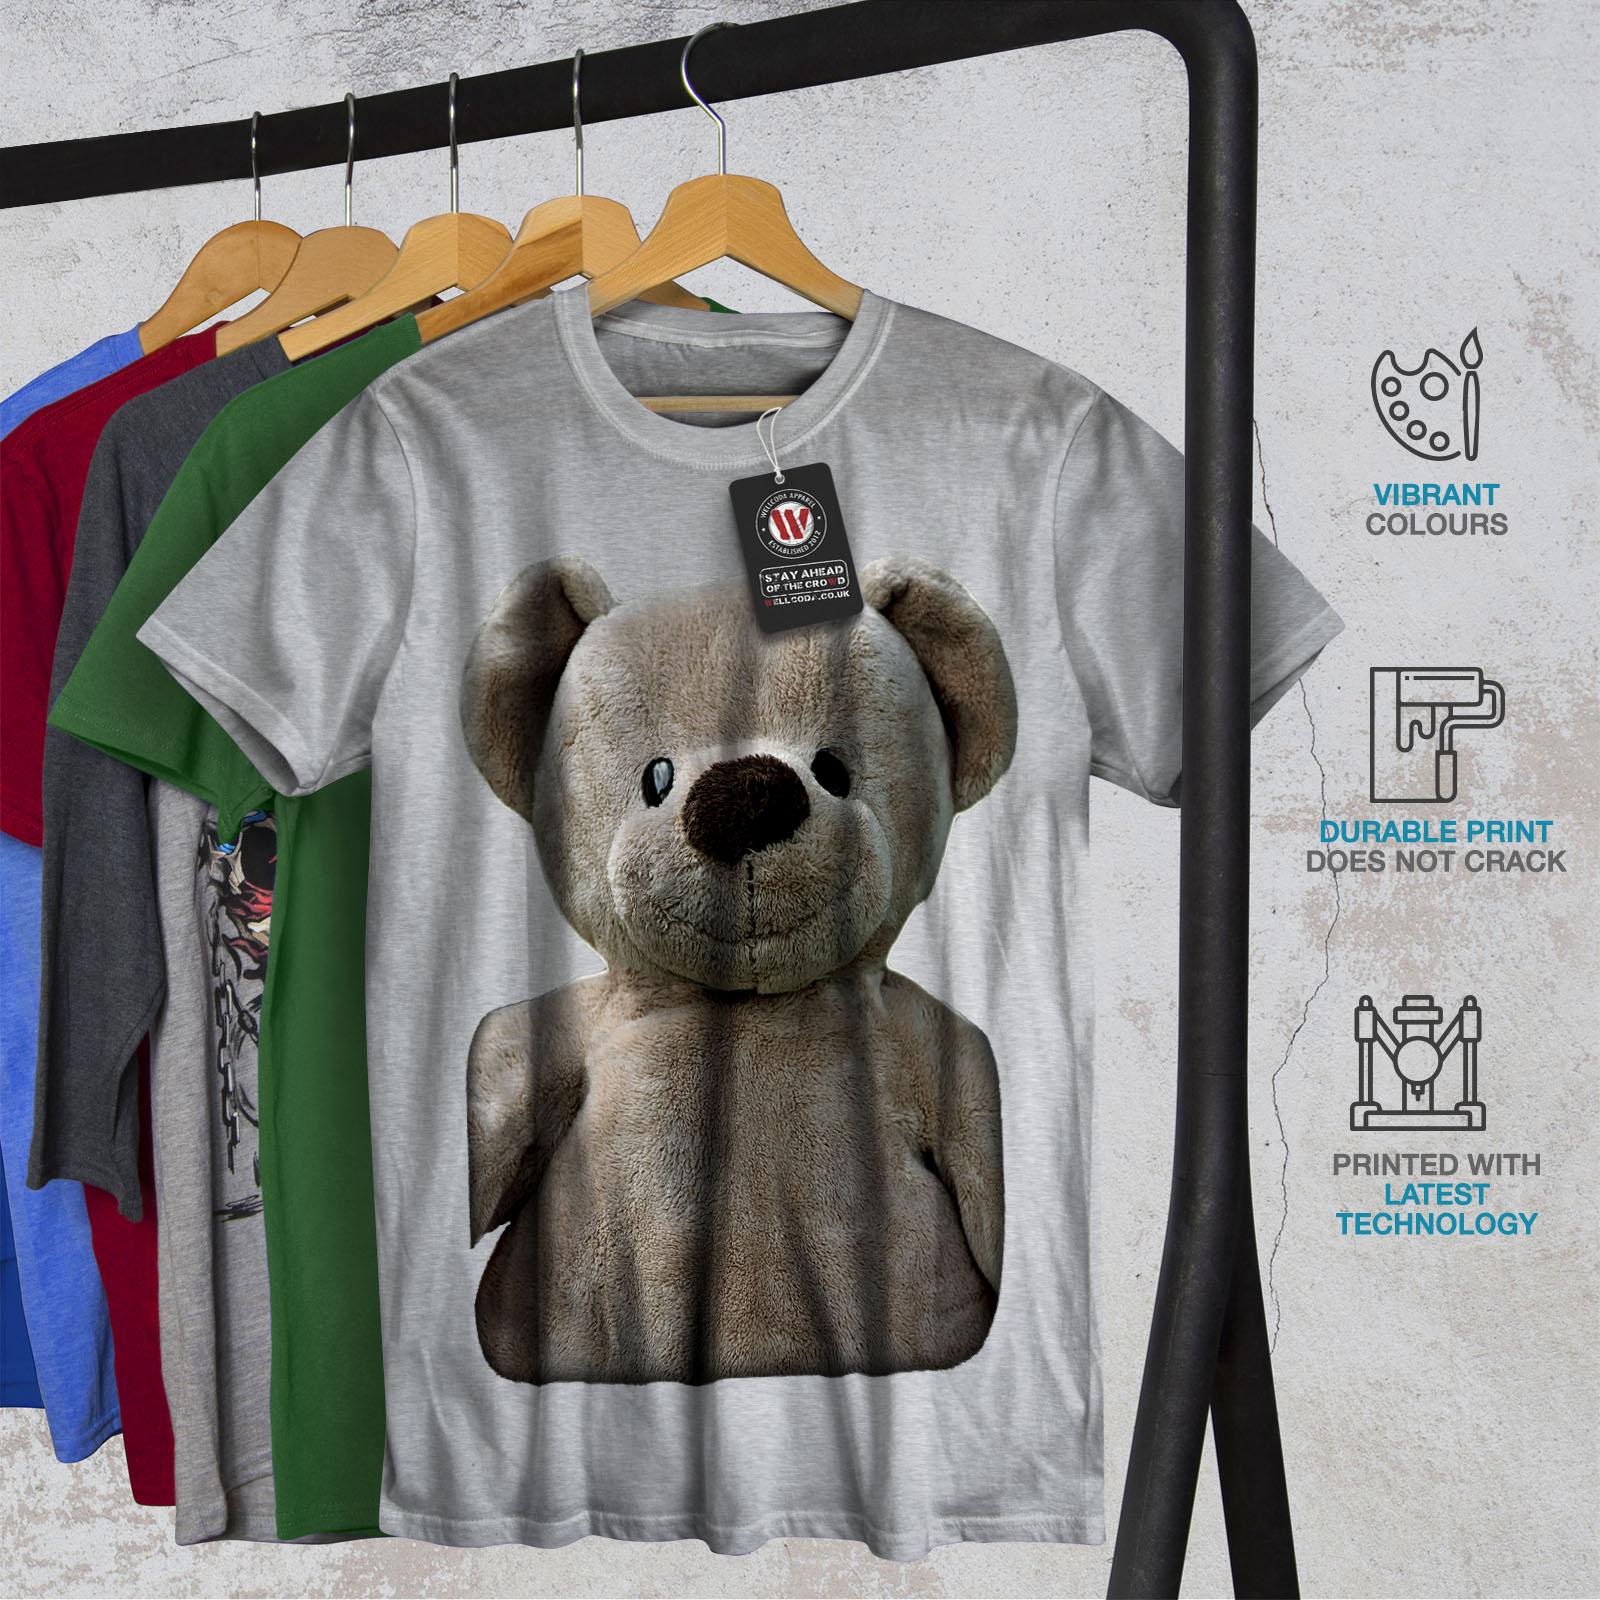 miniature 18 - Wellcoda Cute Plush Mens T-shirt, Teddy Bear Graphic Design Printed Tee